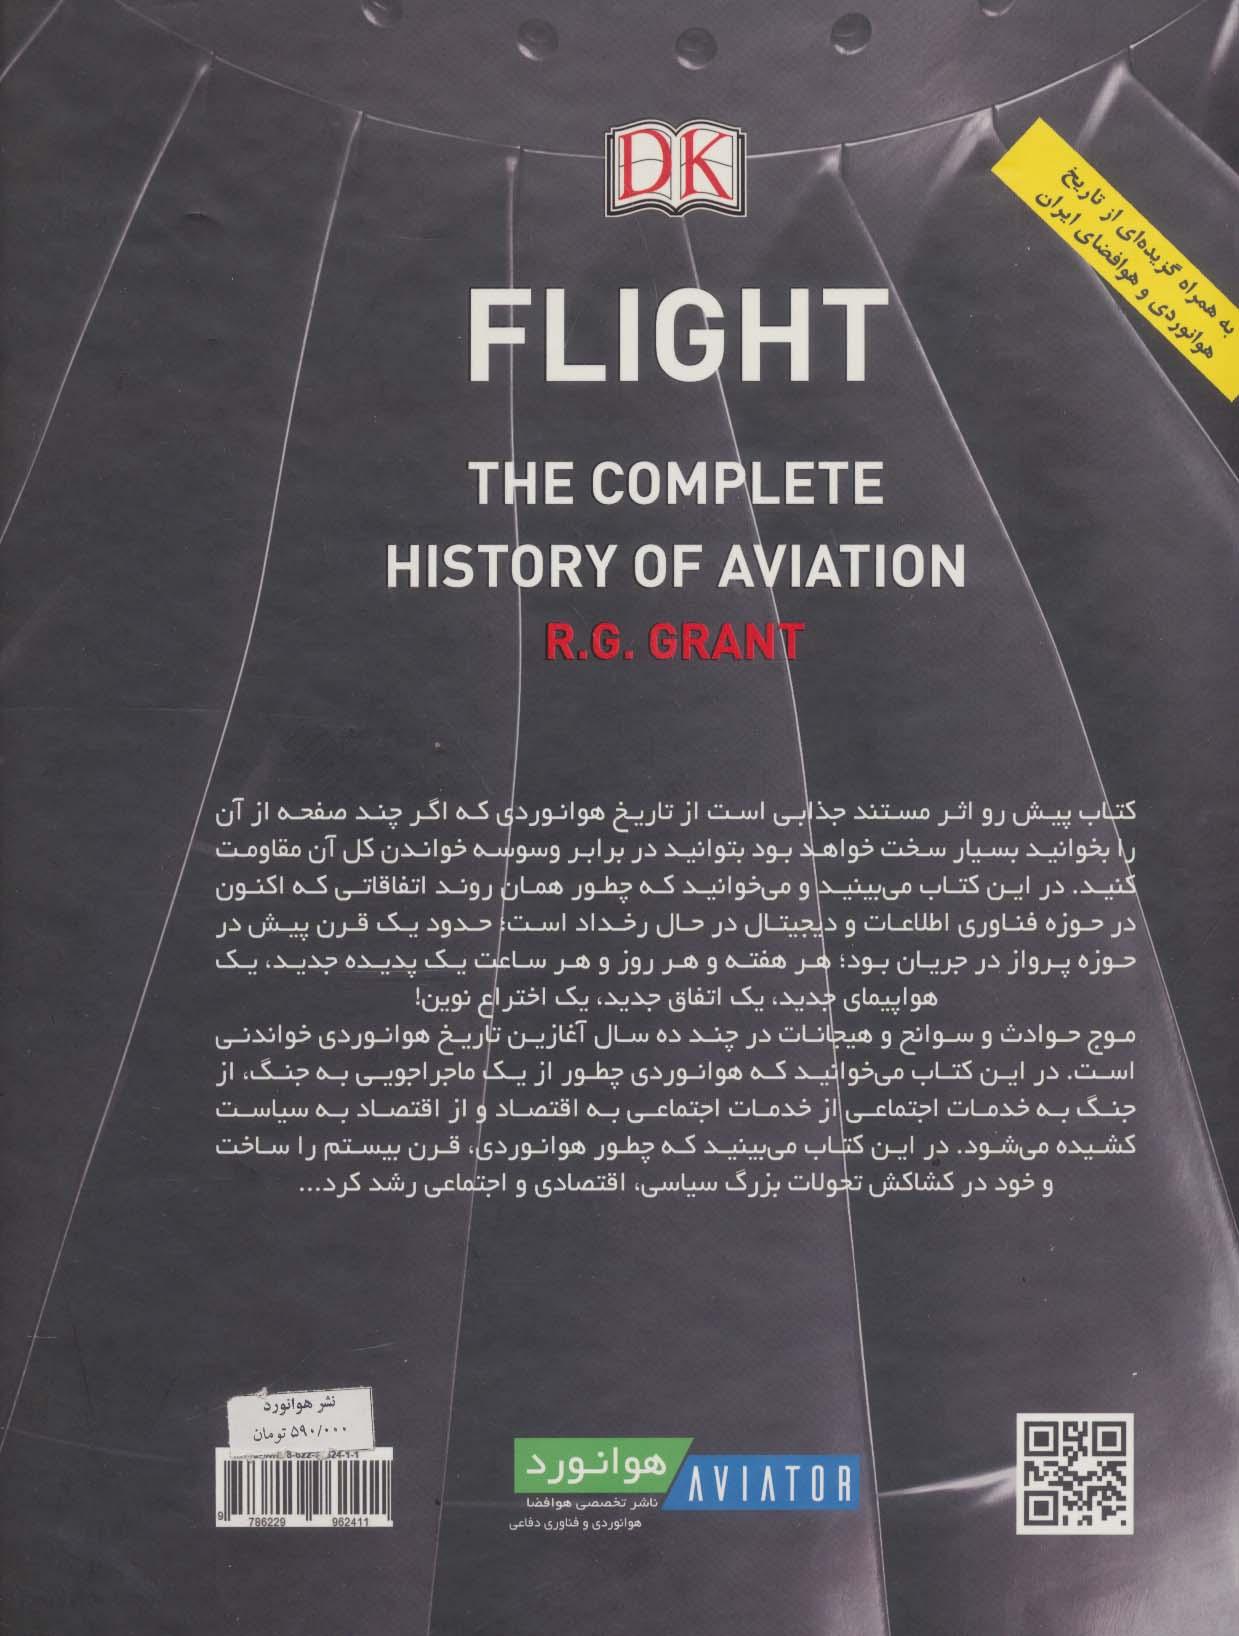 پرواز (تاریخ کامل هوانوردی)،(گلاسه)